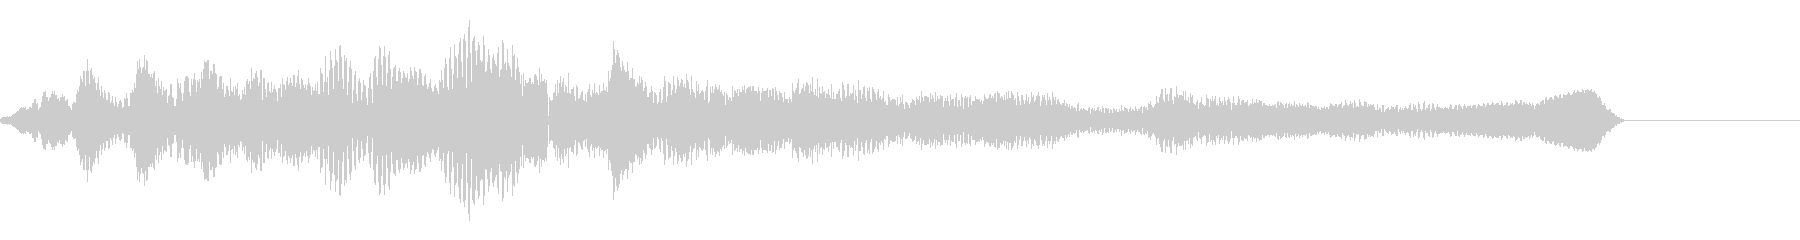 アンビエントな質感で細かなピアノジングルの未再生の波形